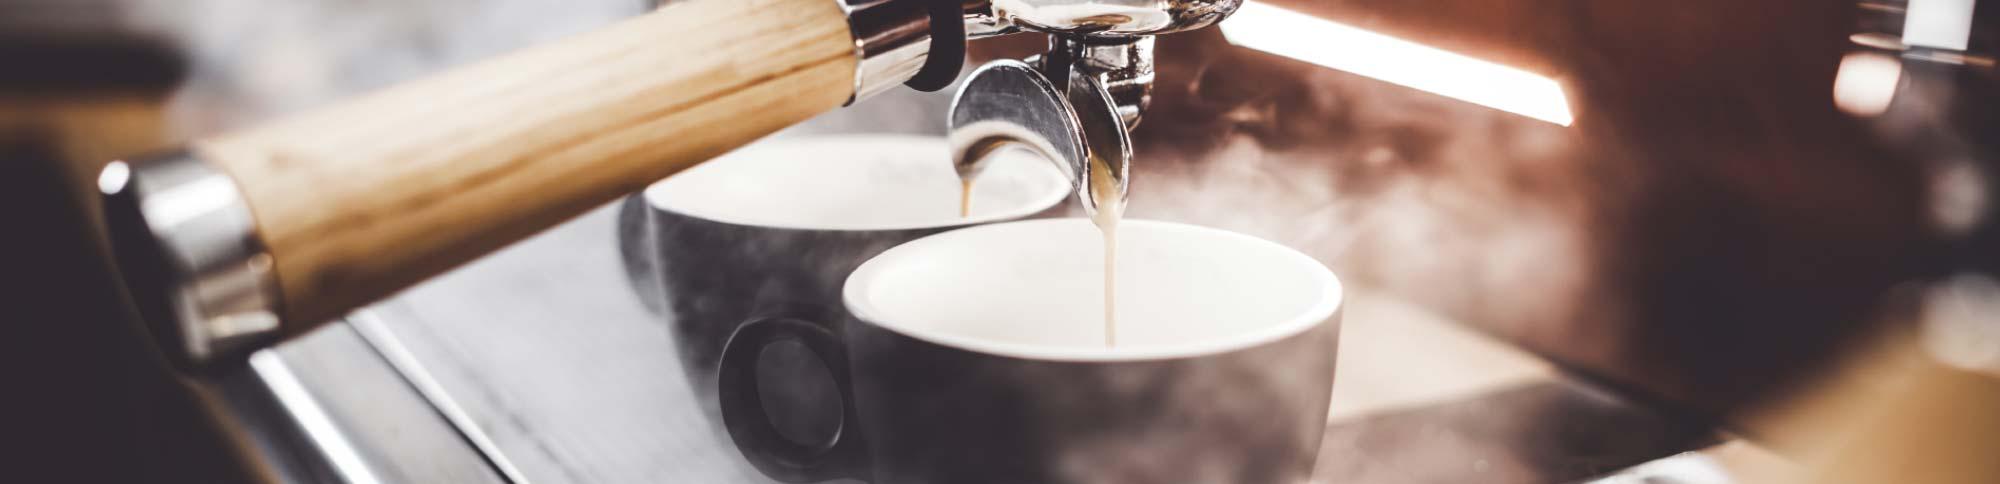 Dzierżawa ekspresu umożliwia delektowanie się kawą najwyższej jakości